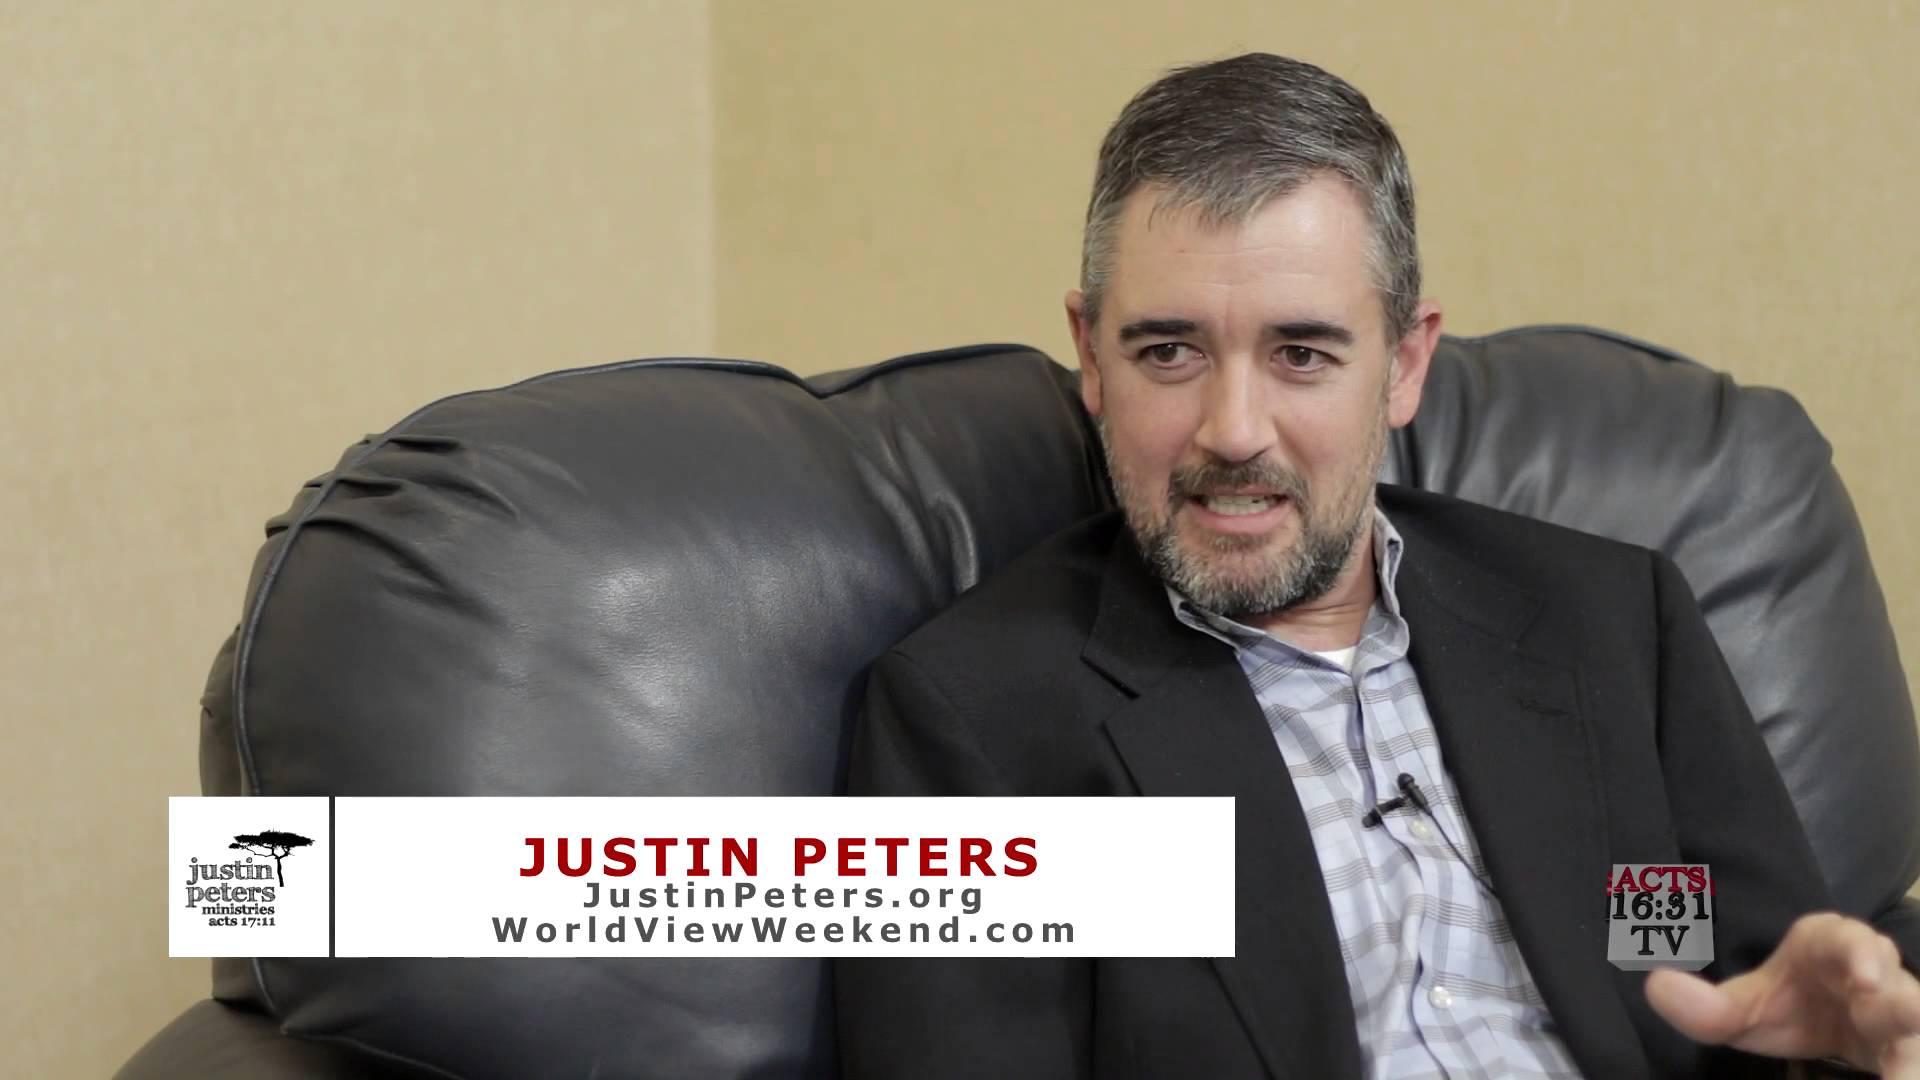 justin-peters